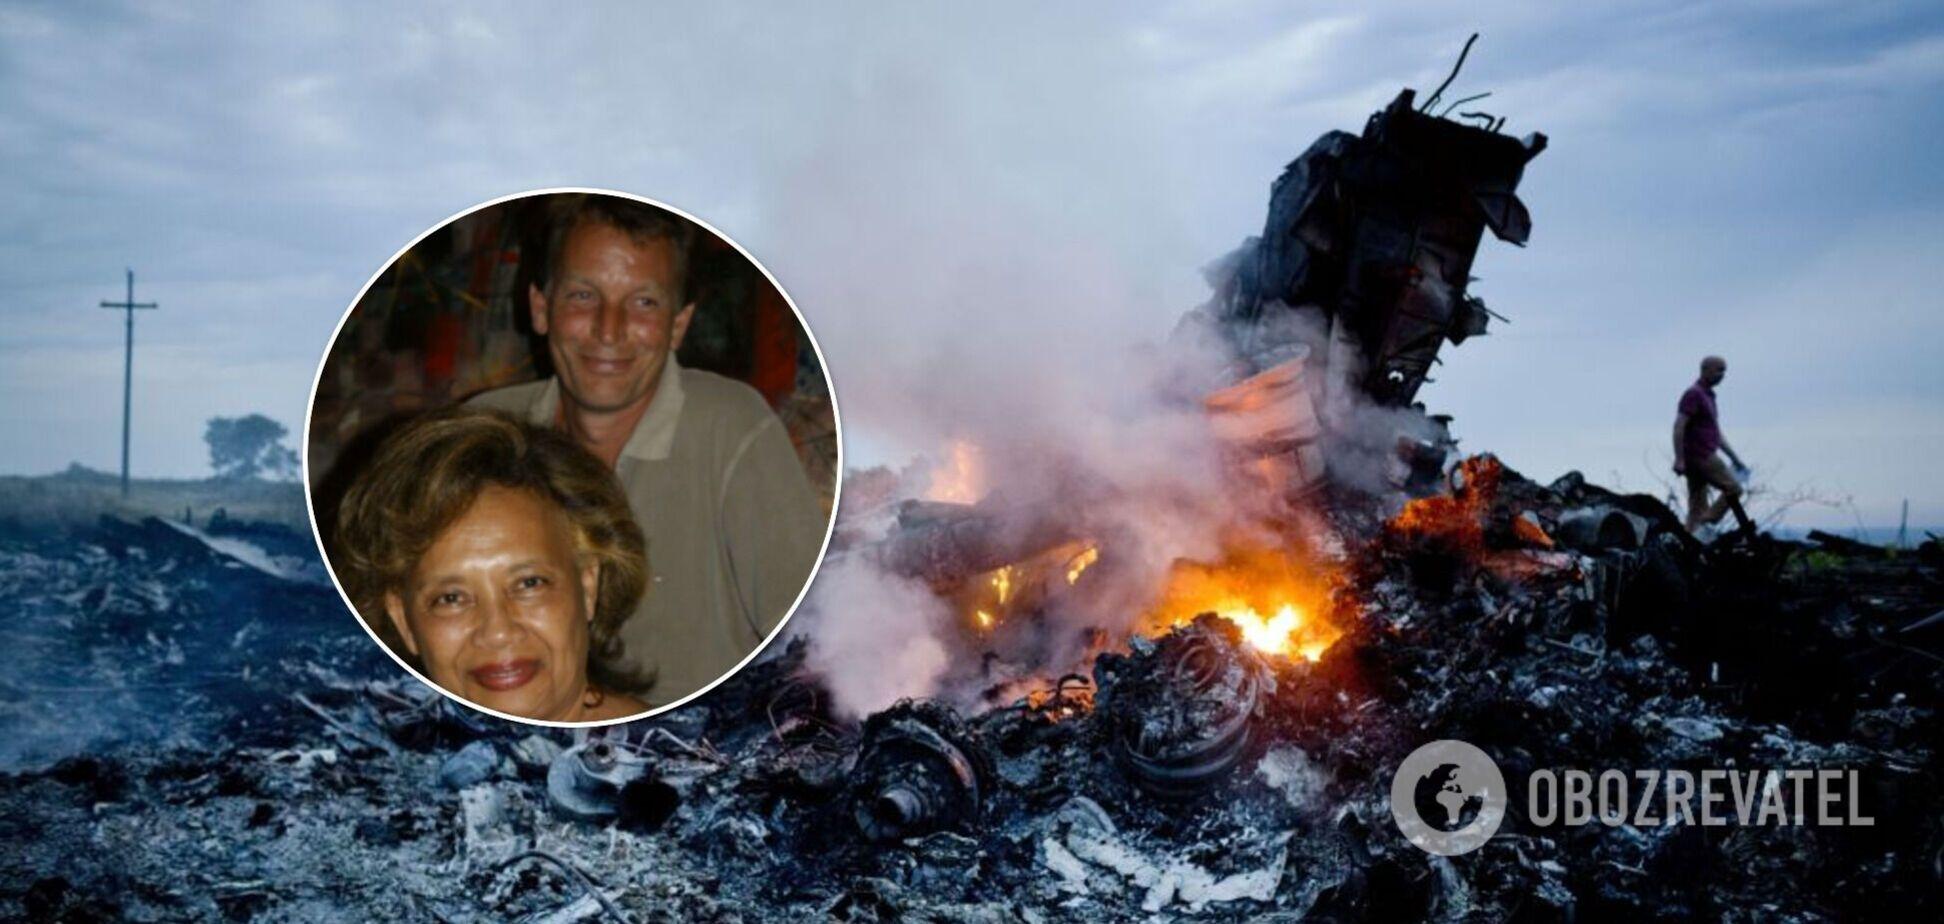 Родственник погибшей в крушении МН17: рейс был сбит российскими военными, у них в руках был 'Бук'